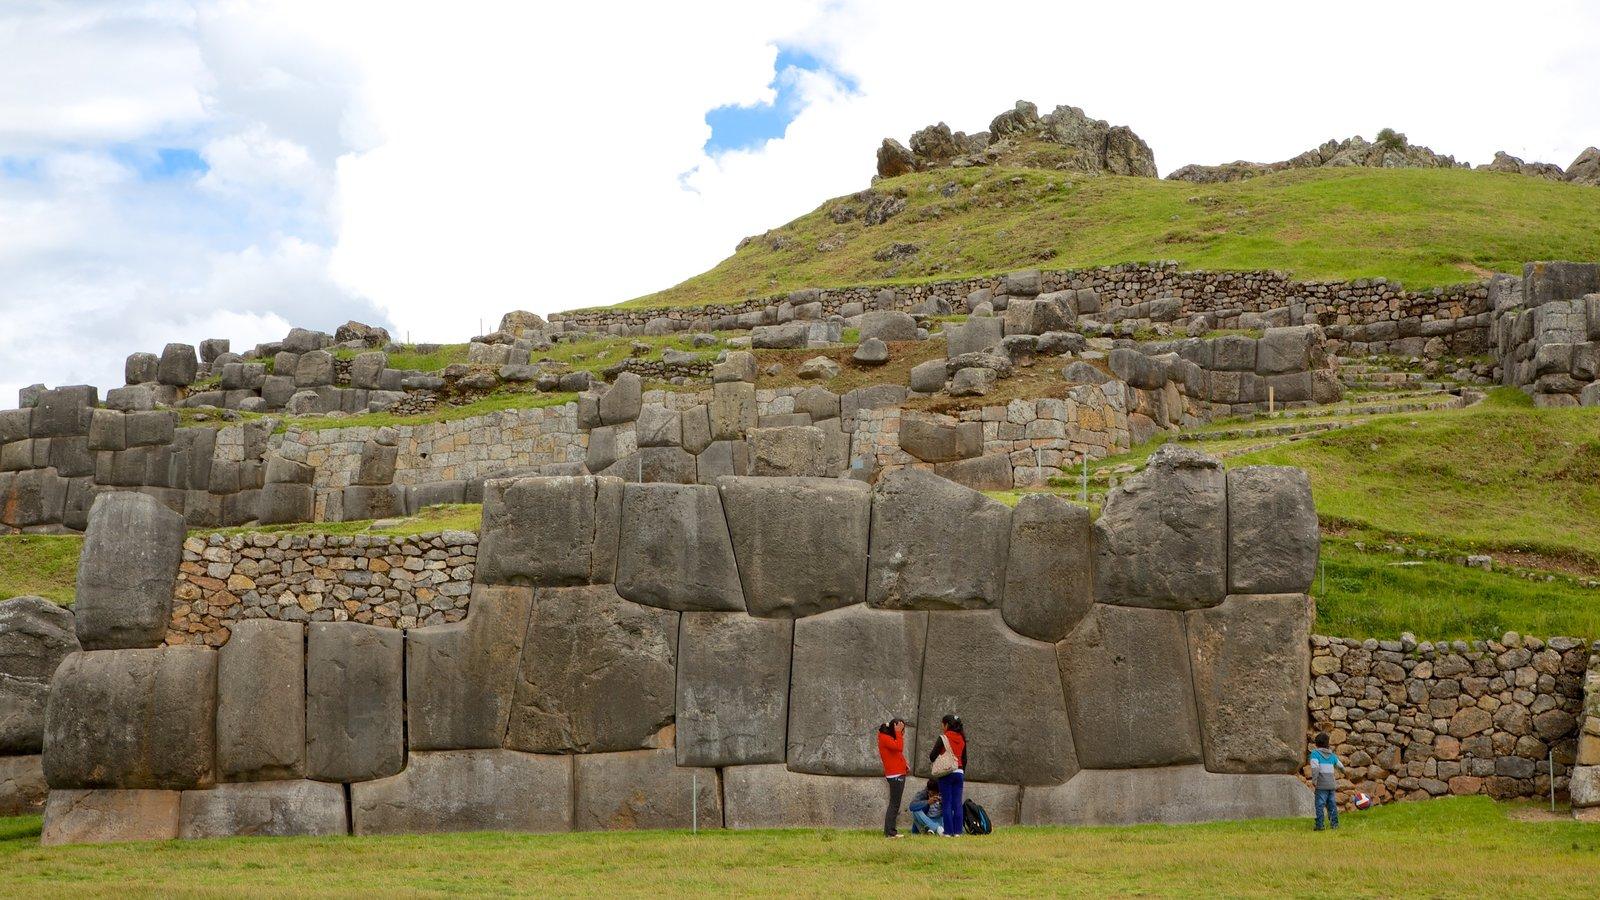 Sacsayhuaman caracterizando uma ruína e elementos de patrimônio assim como um pequeno grupo de pessoas